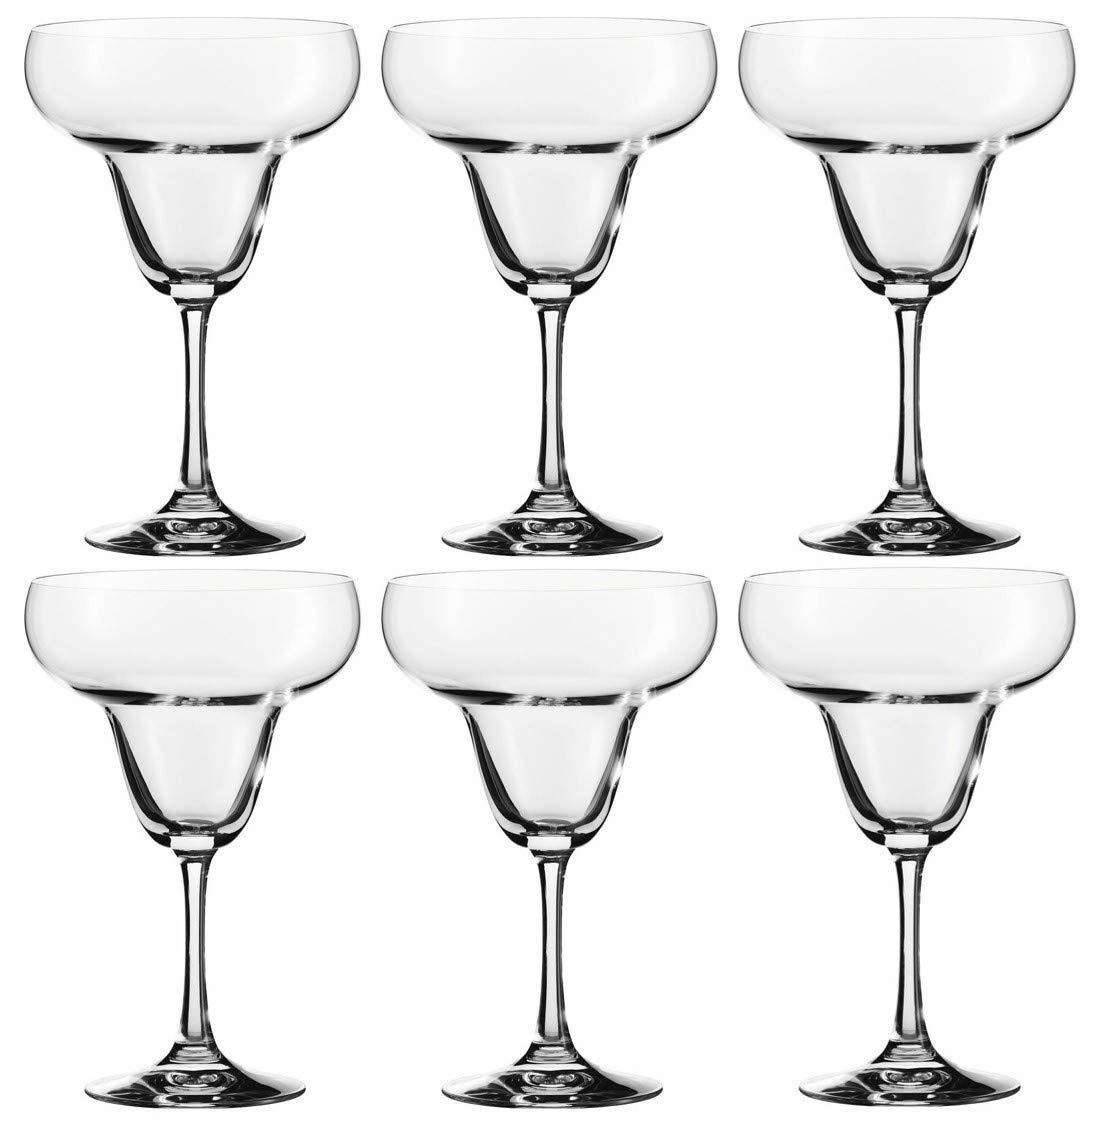 Spiegelau 11.5-oz Vino Grande Margarita Glass, Set of 6 Glasses